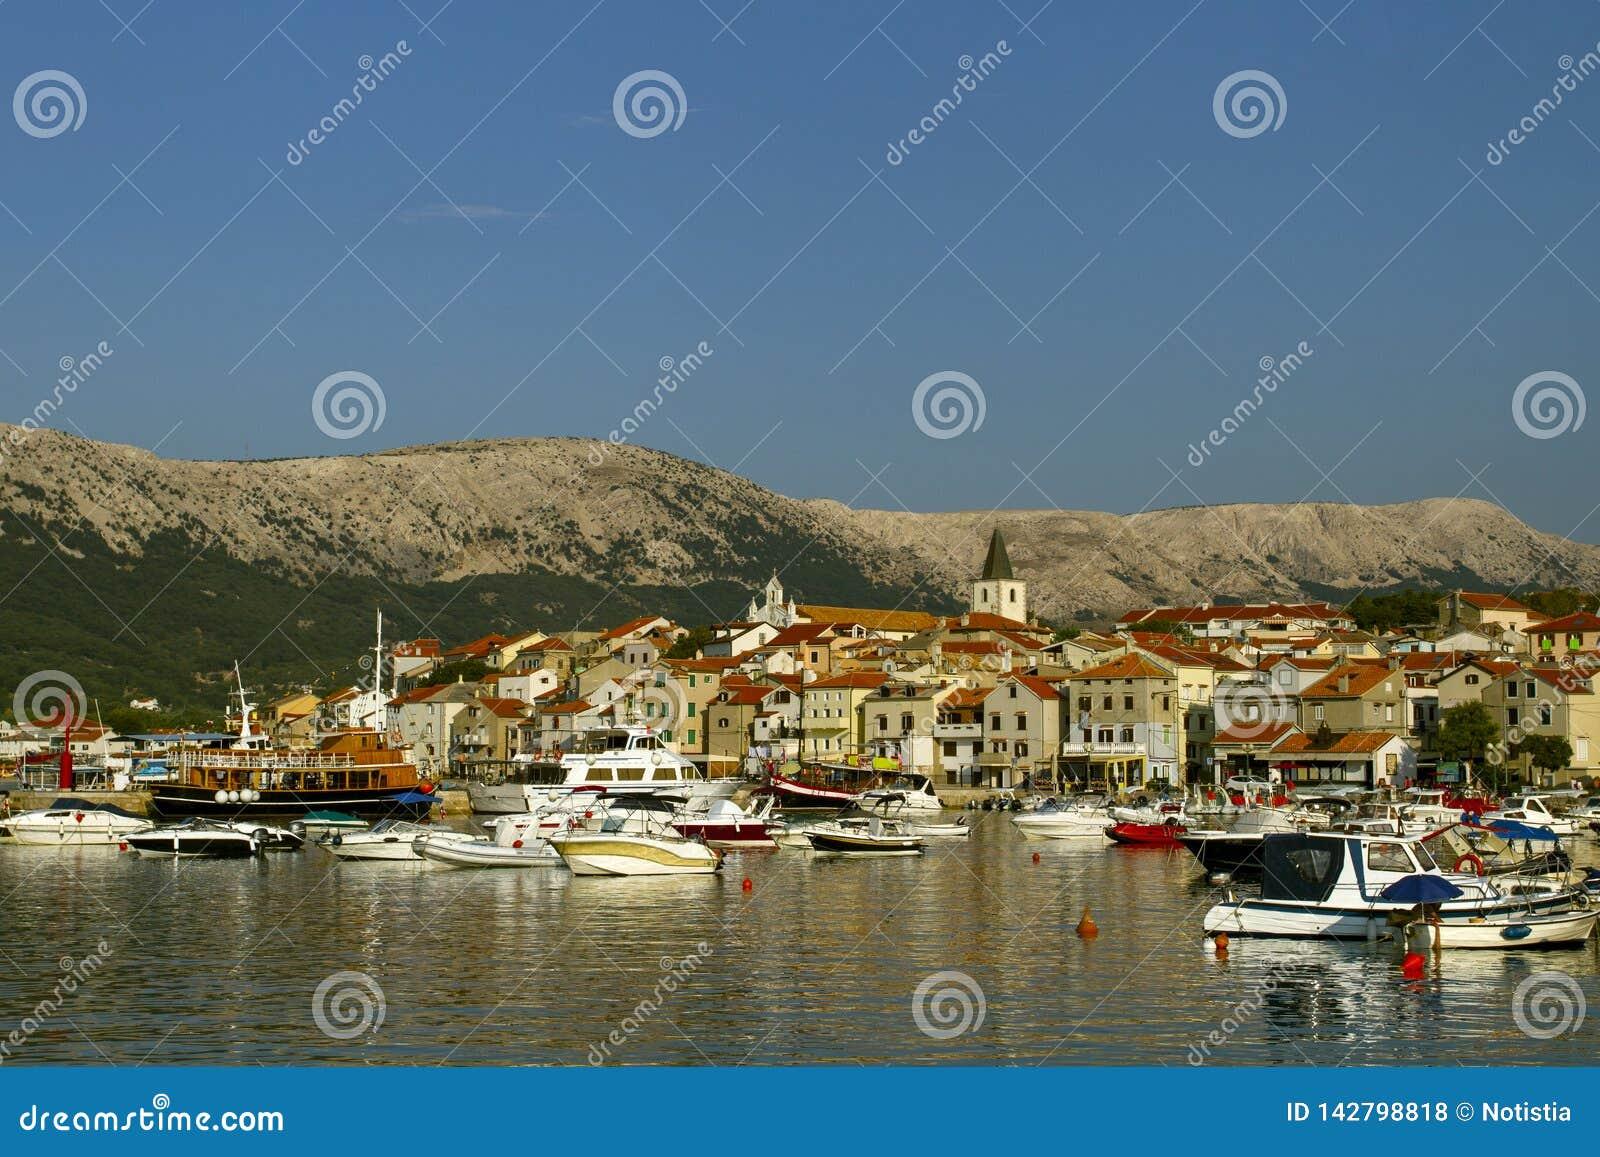 巴斯卡小镇它的小游艇船坞 在前景的小船 克罗地亚假期 海岛Krk 亚得里亚海的海岸,克罗地亚,欧洲 r